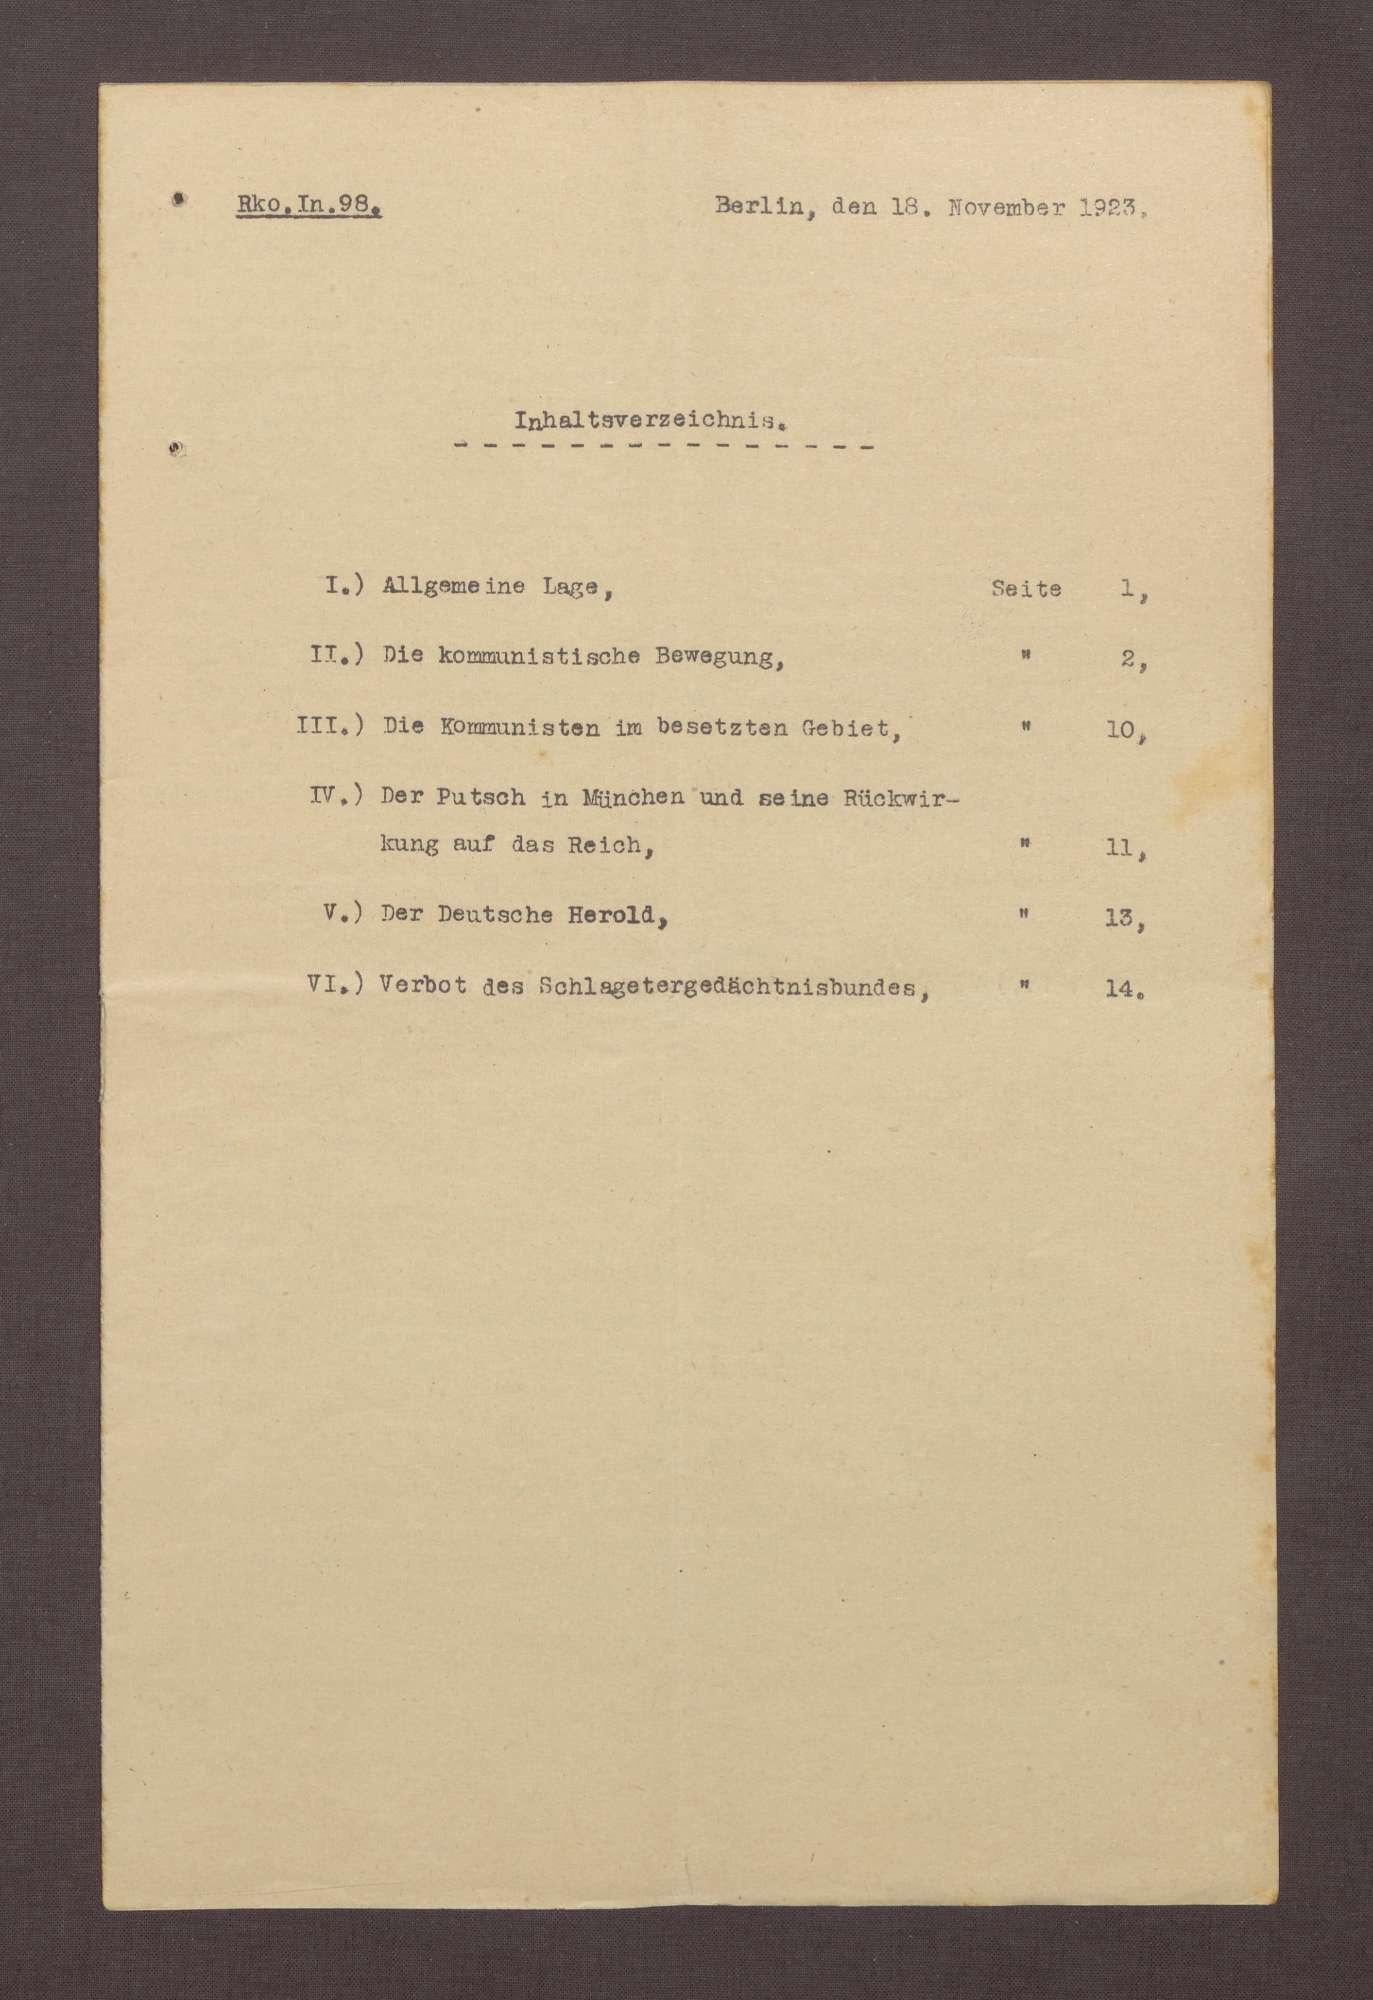 Lageberichte des Reichskommissars für Überwachung der öffentlichen Ordnung, Nr. 98, Bild 1